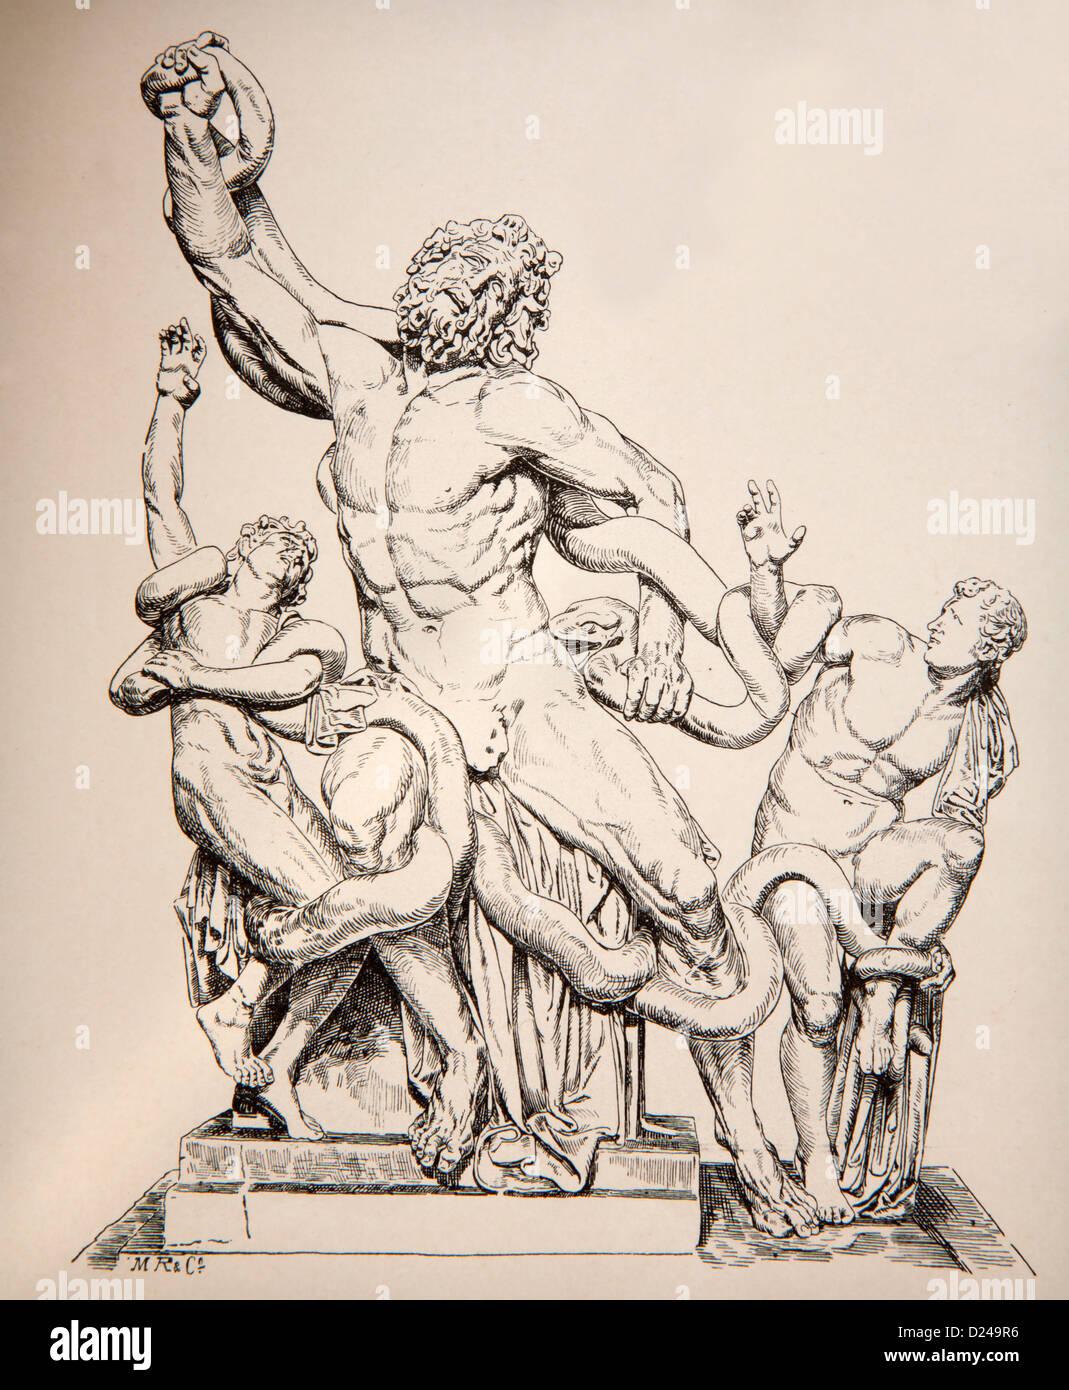 Germania - 1897: litografia di statua Gruppo del Laocoonte forma originariamente musei vaticani. Immagini Stock